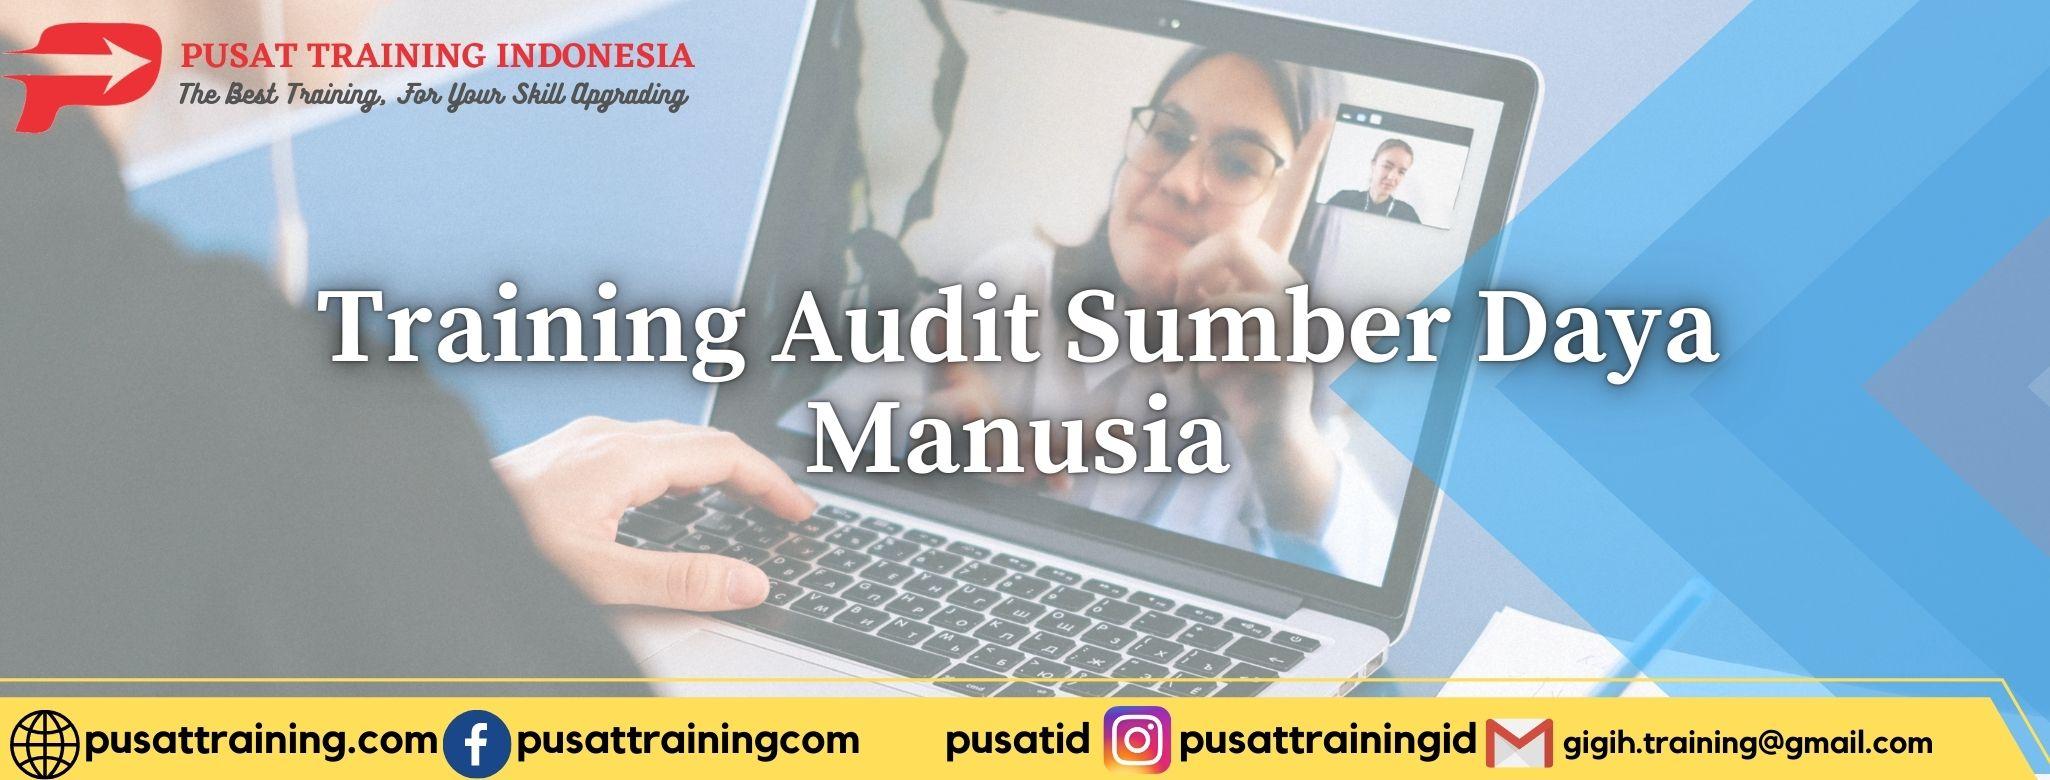 Training-Audit-Sumber-Daya-Manusia